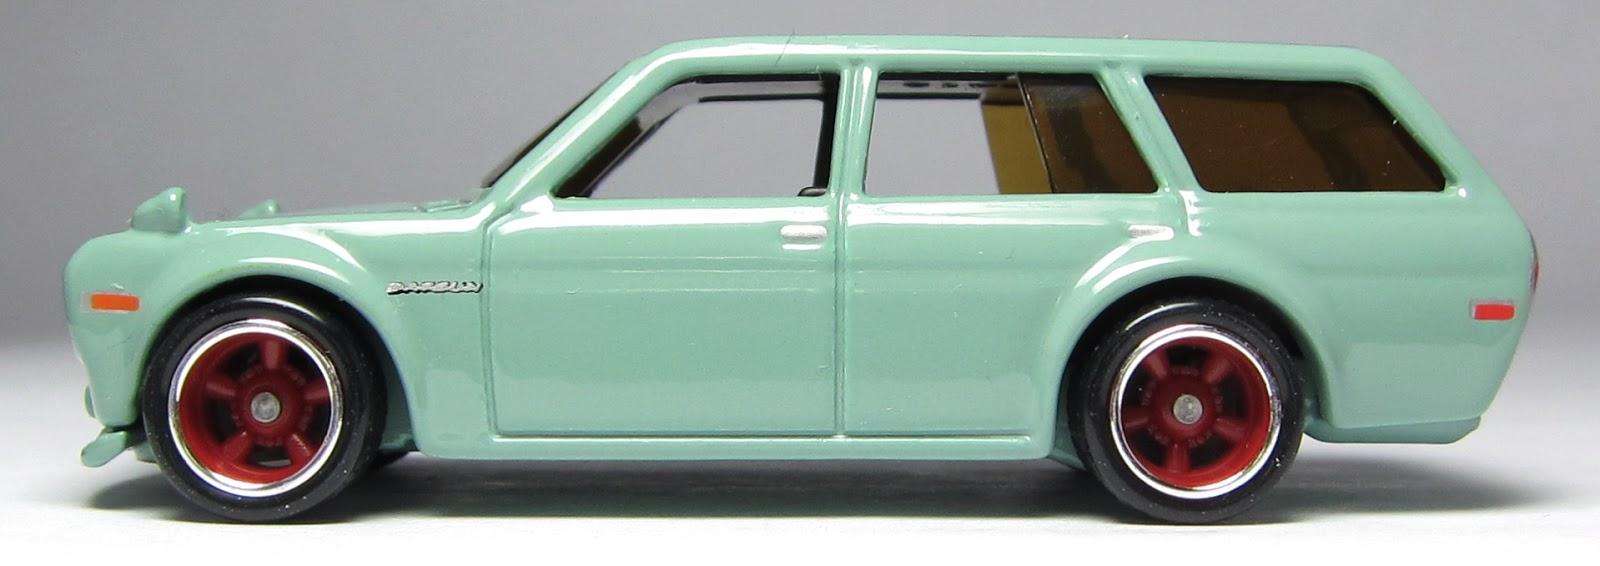 First Look: Hot Wheels Boulevard Nissan Skyline H/T 2000GT ...